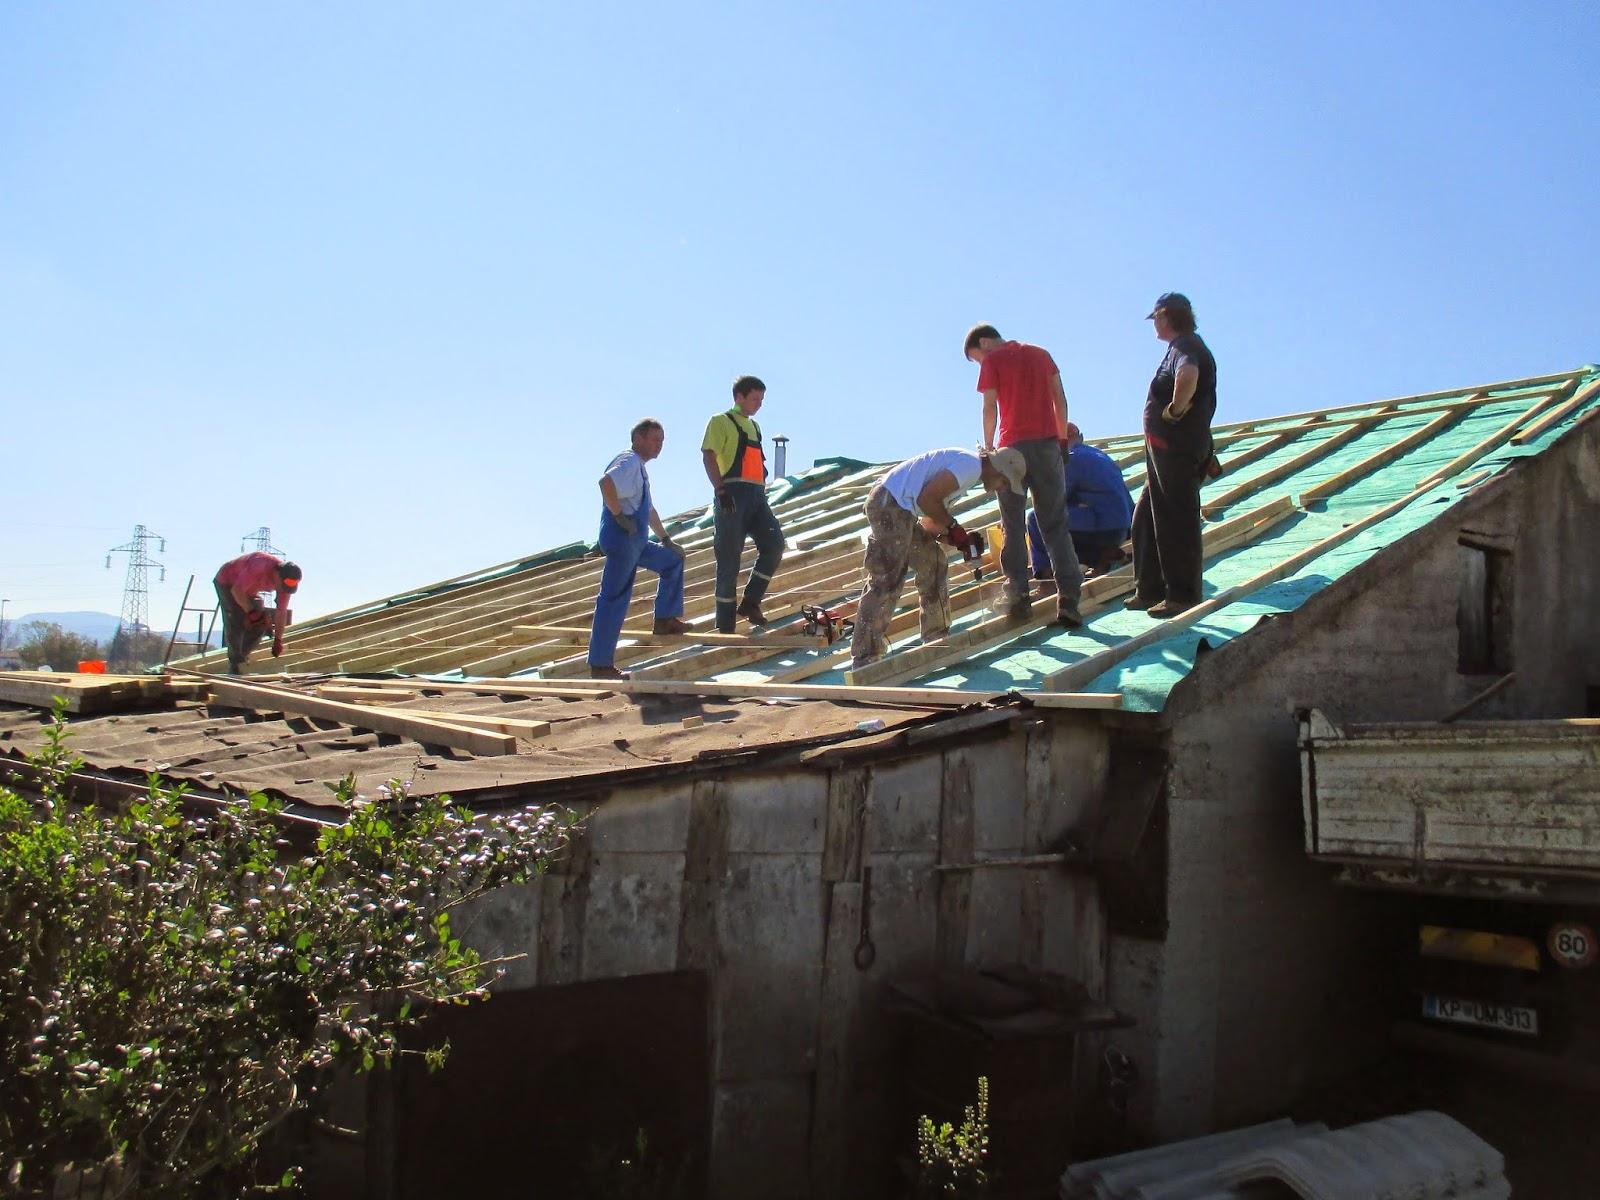 Delovna akcija Rečica, Ilirska Bistrica, 27., 28., 29., 30. 9. 2014 - IMG_0080.jpg